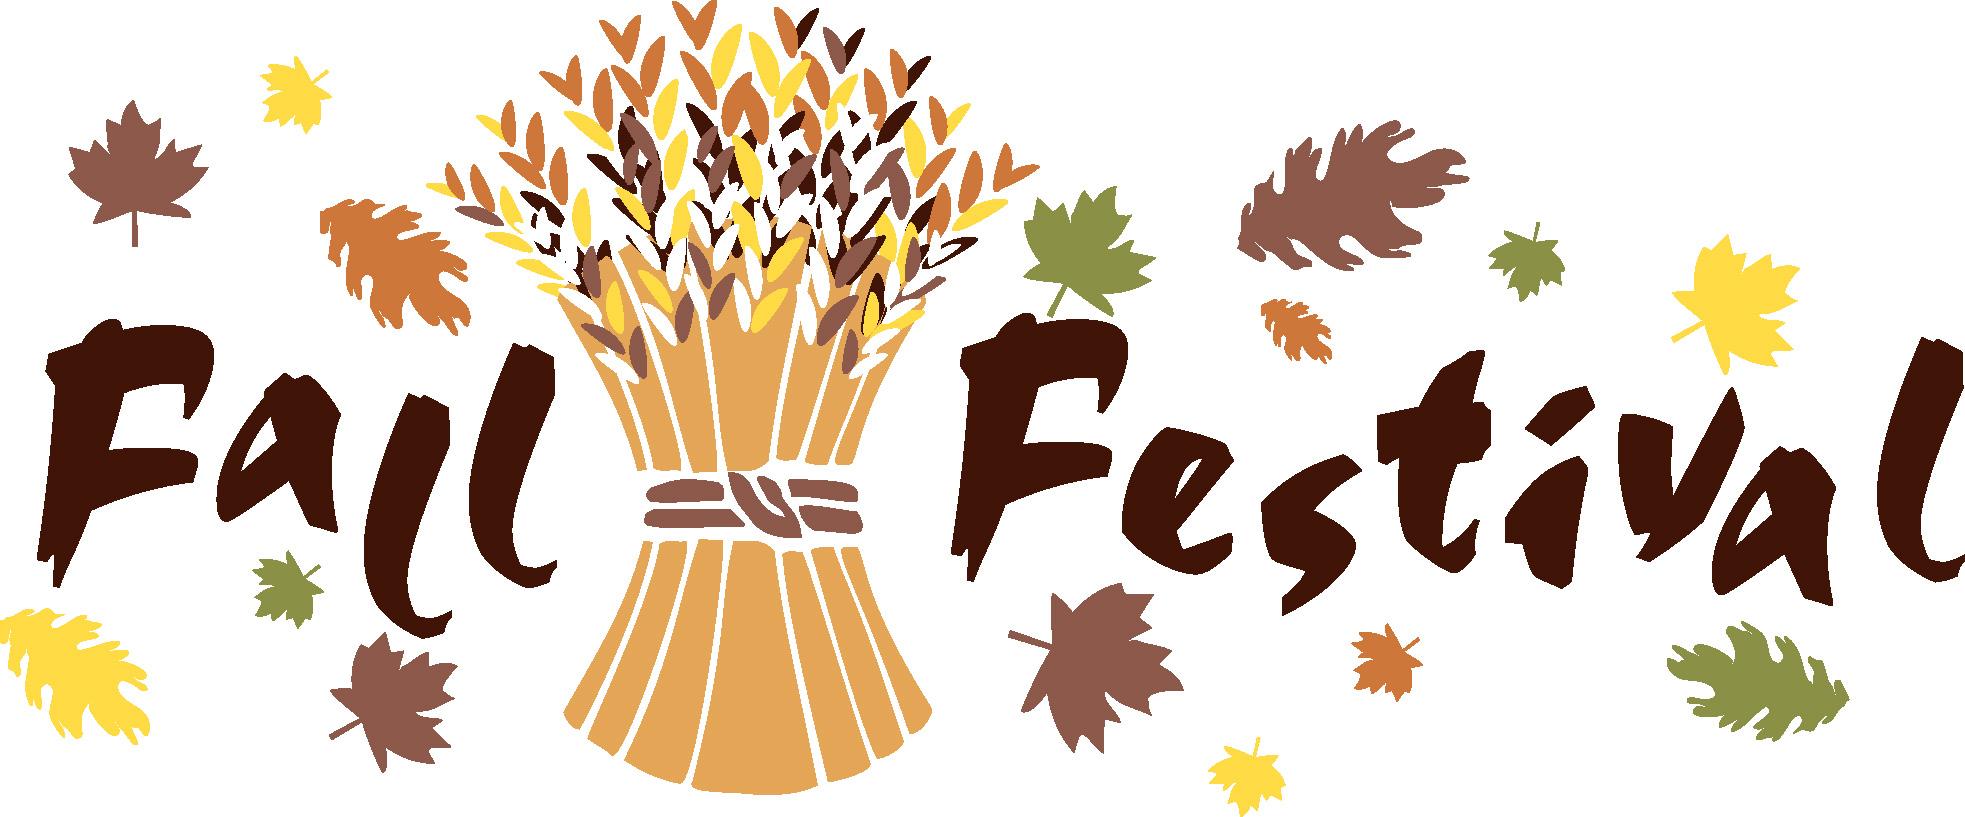 Fall festival original